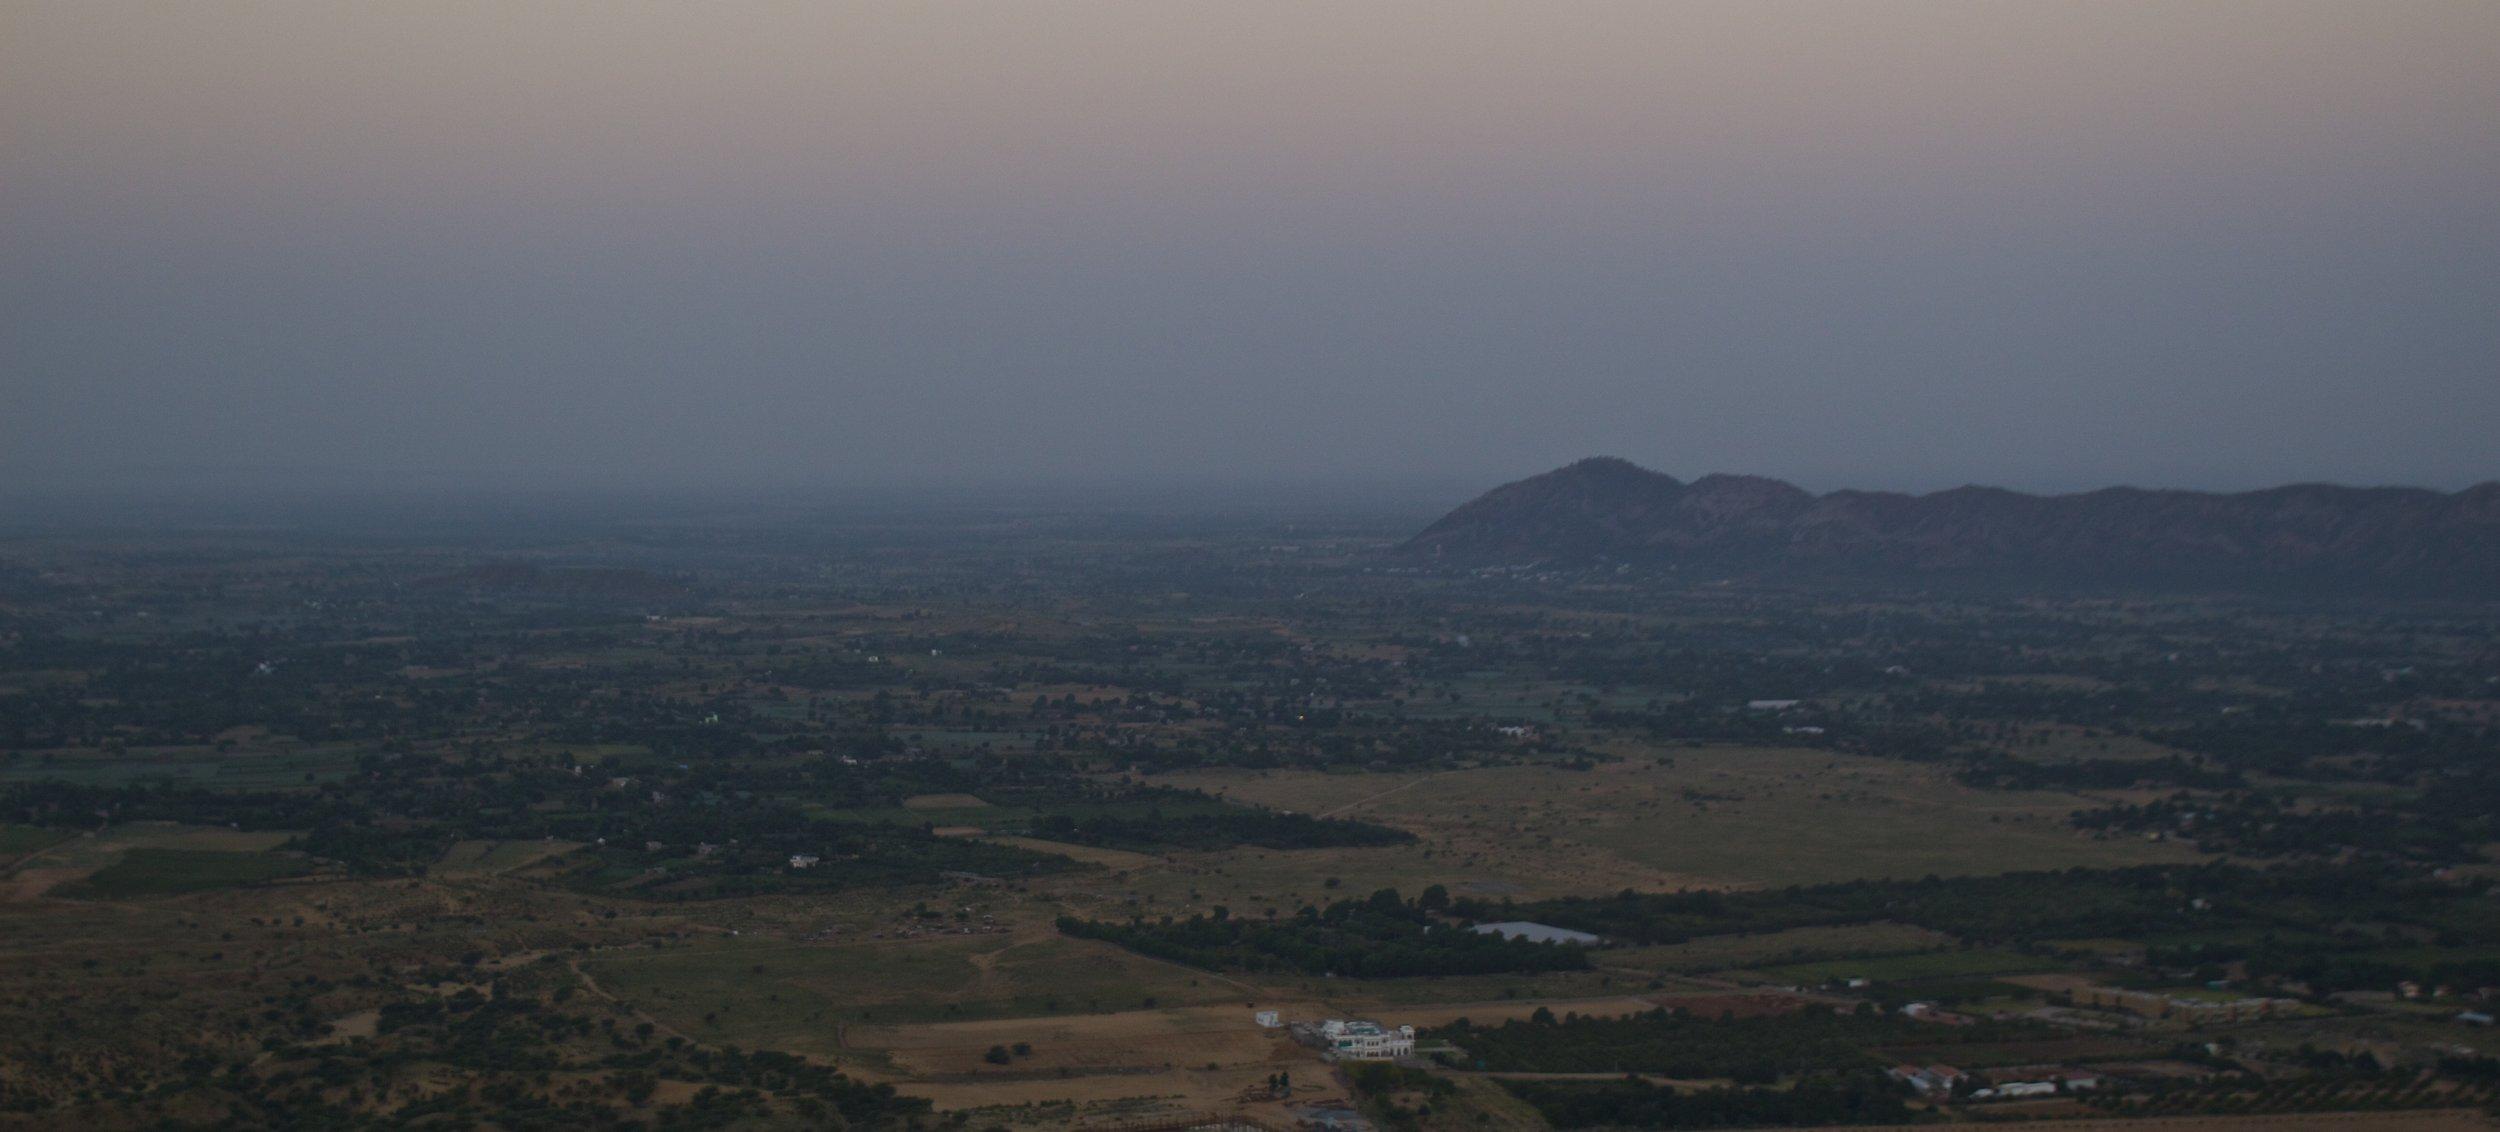 pushkar rajasthan mountain top sunrise 6.jpg